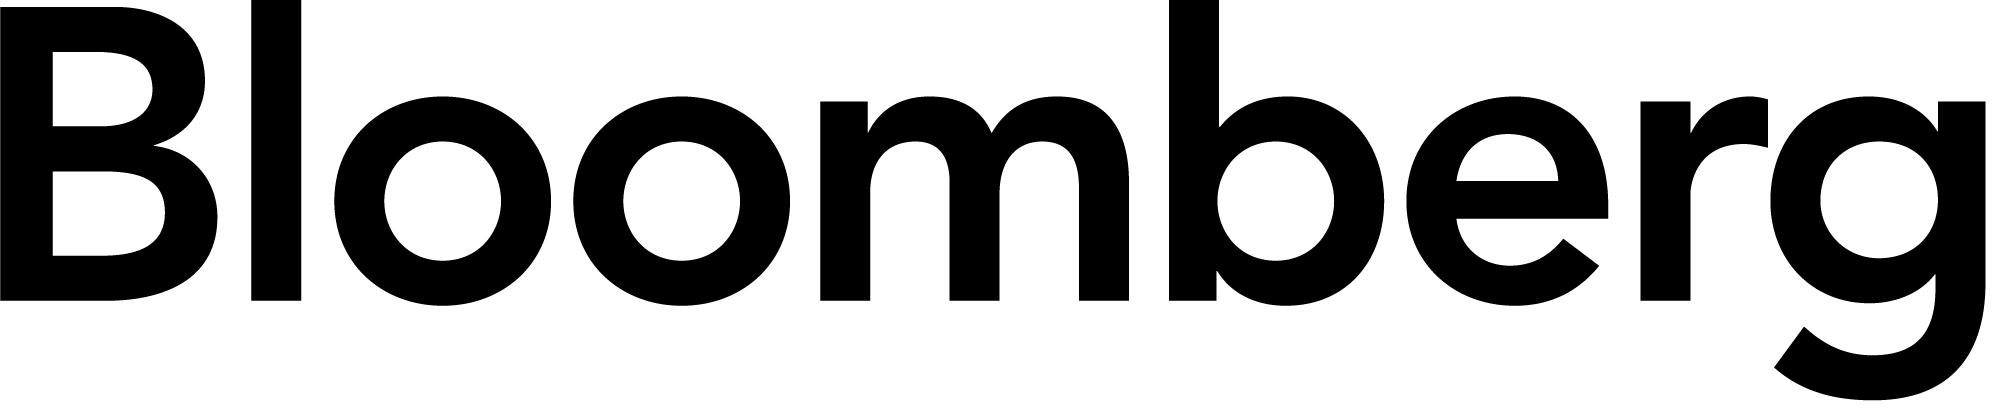 BLOOMBERG logo blk.jpg